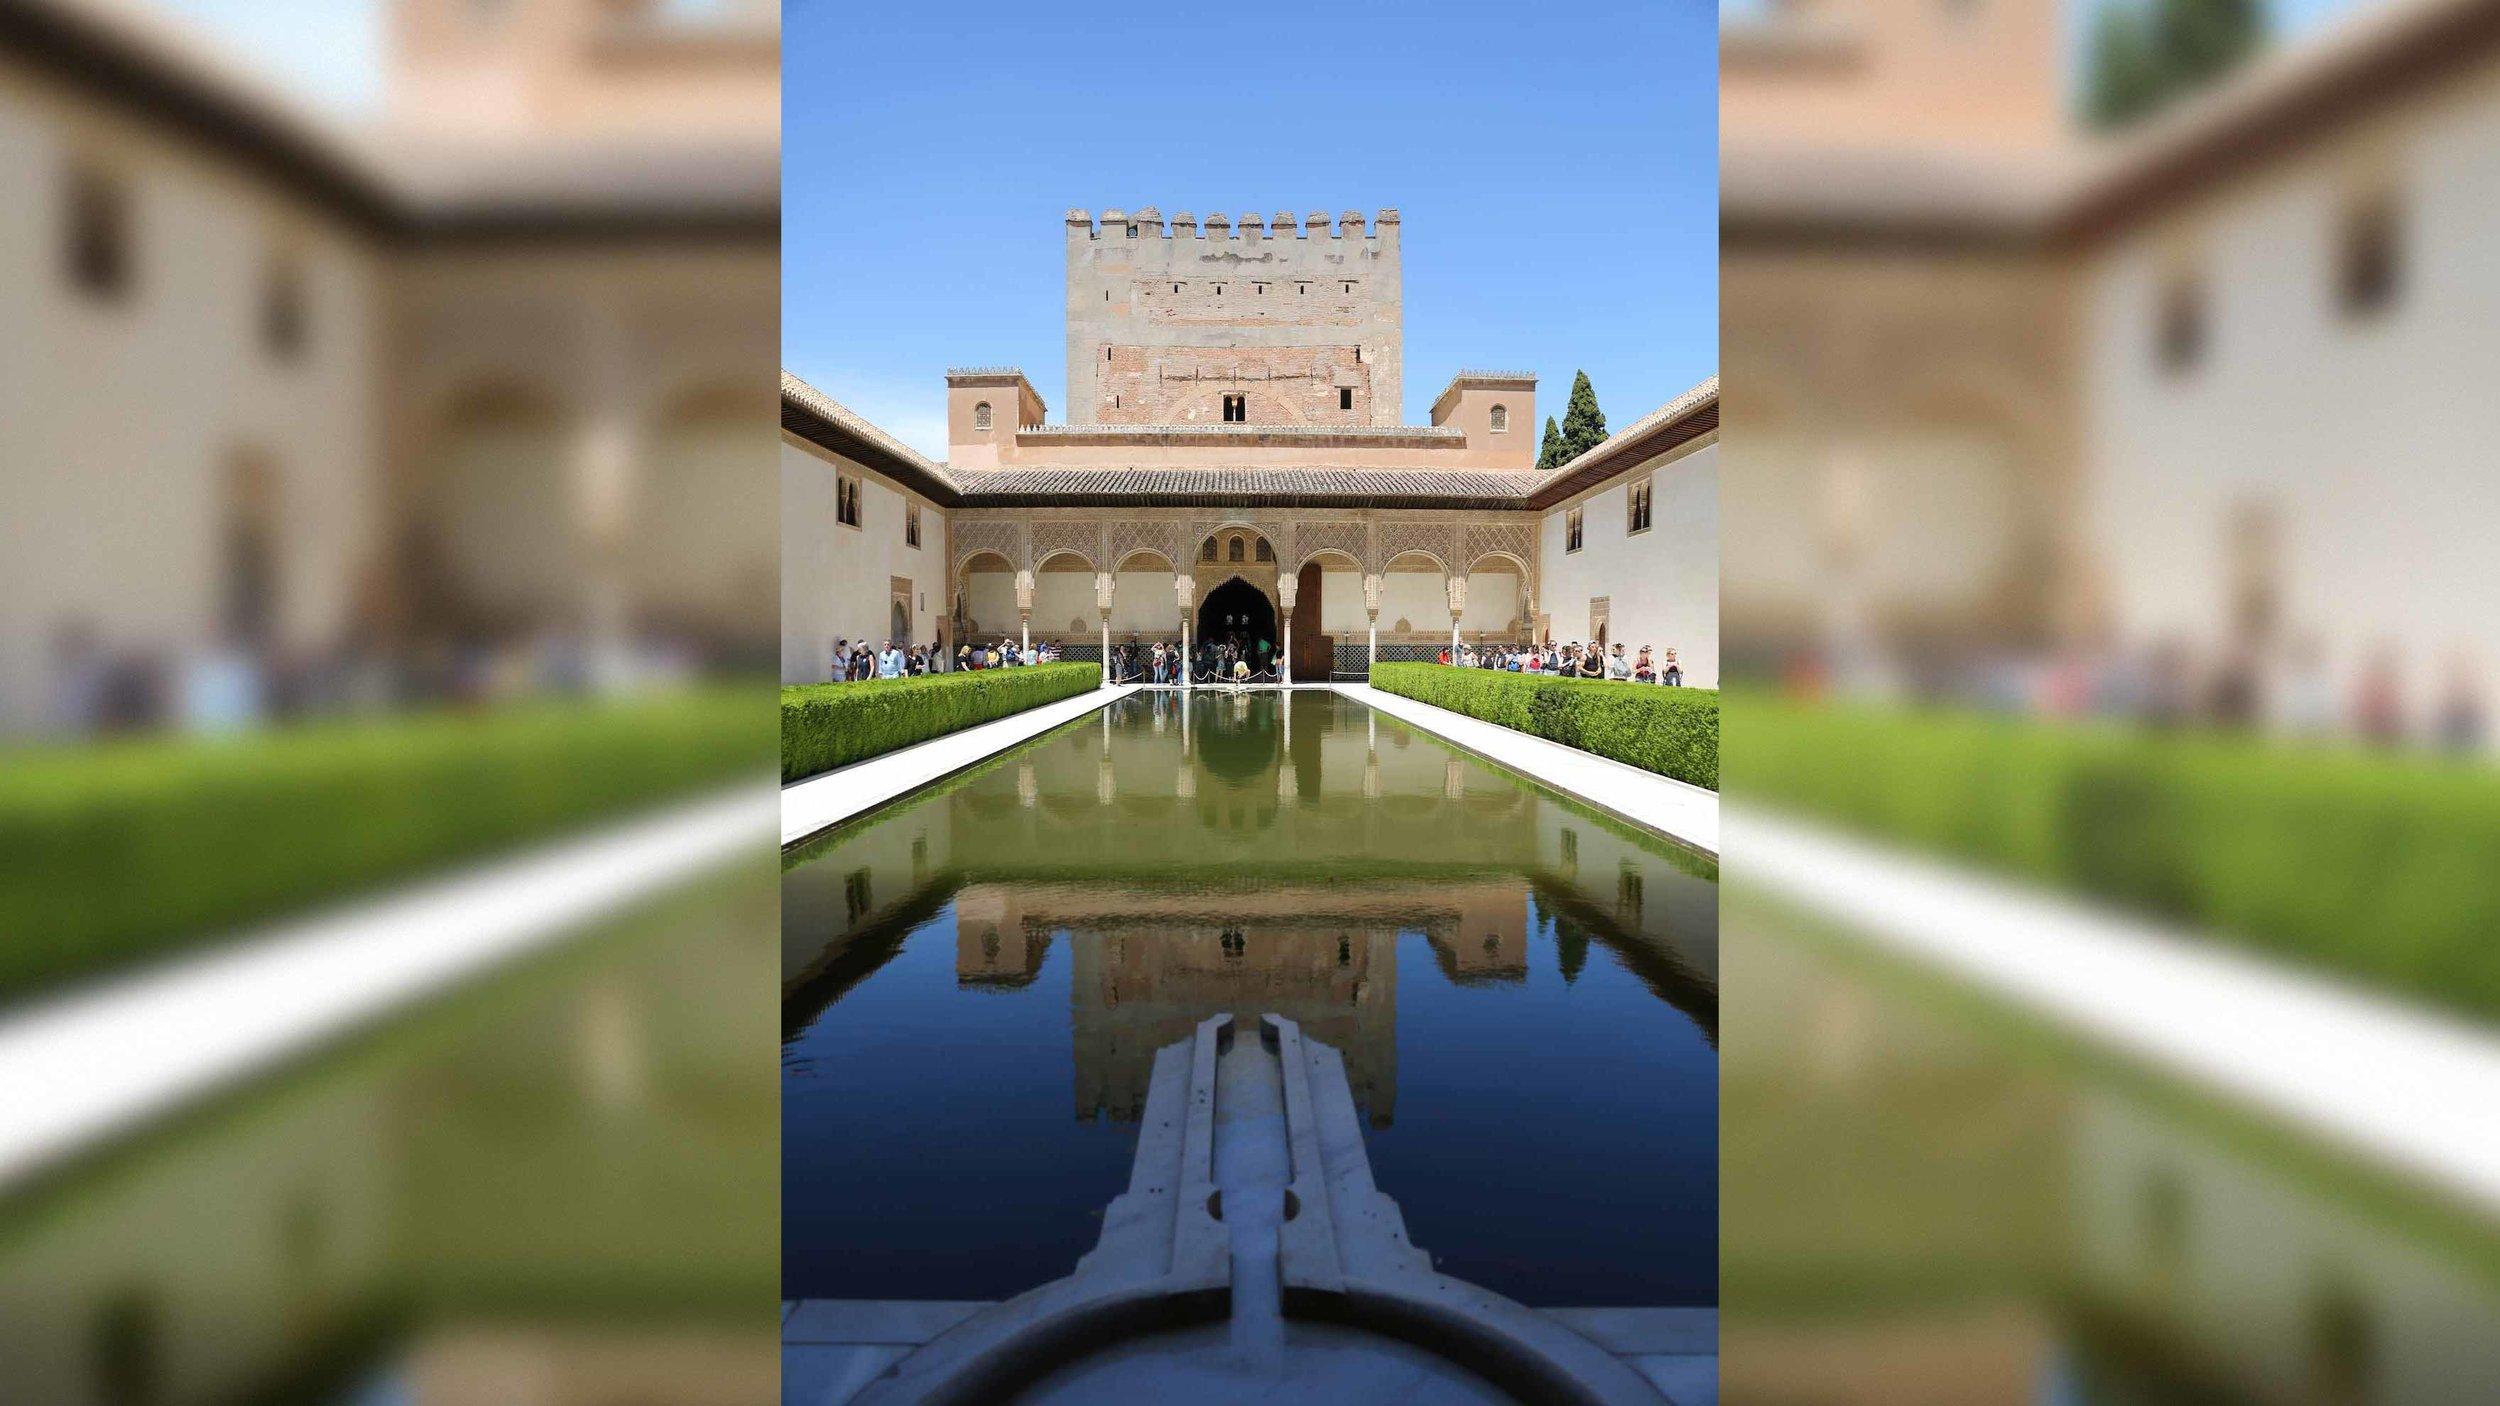 Die Ansammlung an Palästen wurde von verschiedenen Herrschern ab 1239 über mehrere Jahrhunderte hinweg errichtet.